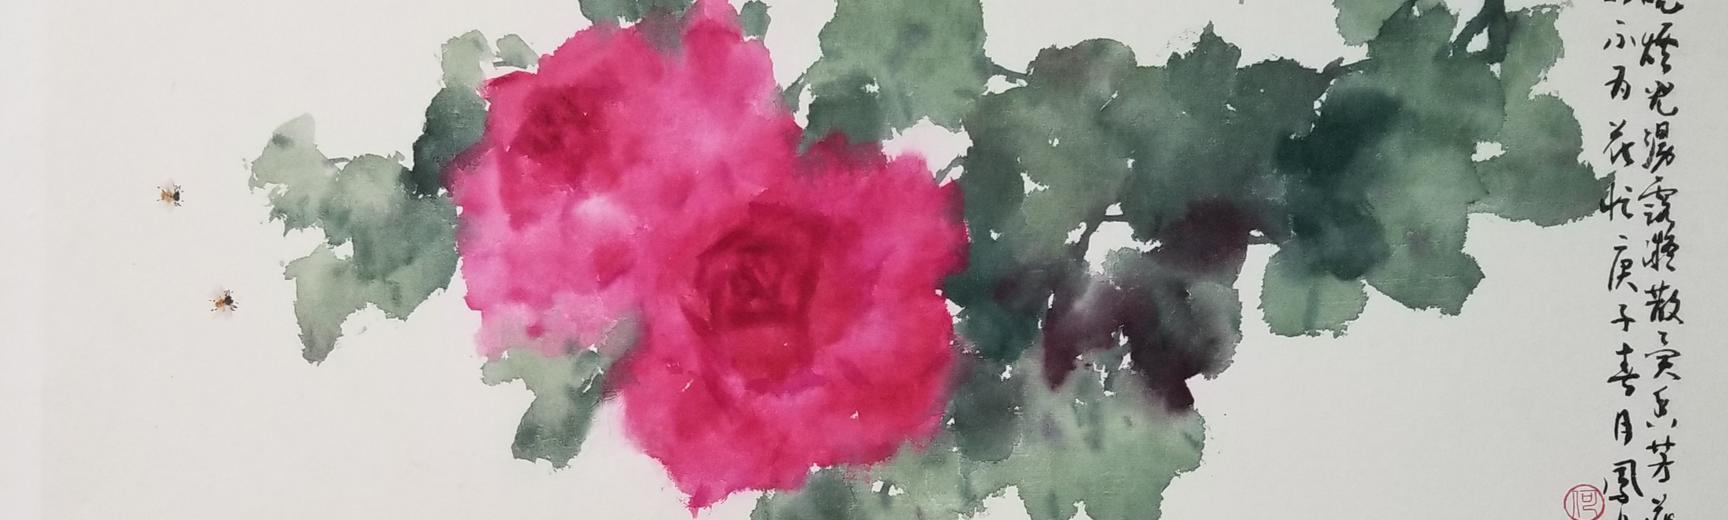 Ho Fung-Lin, Roses, 2020